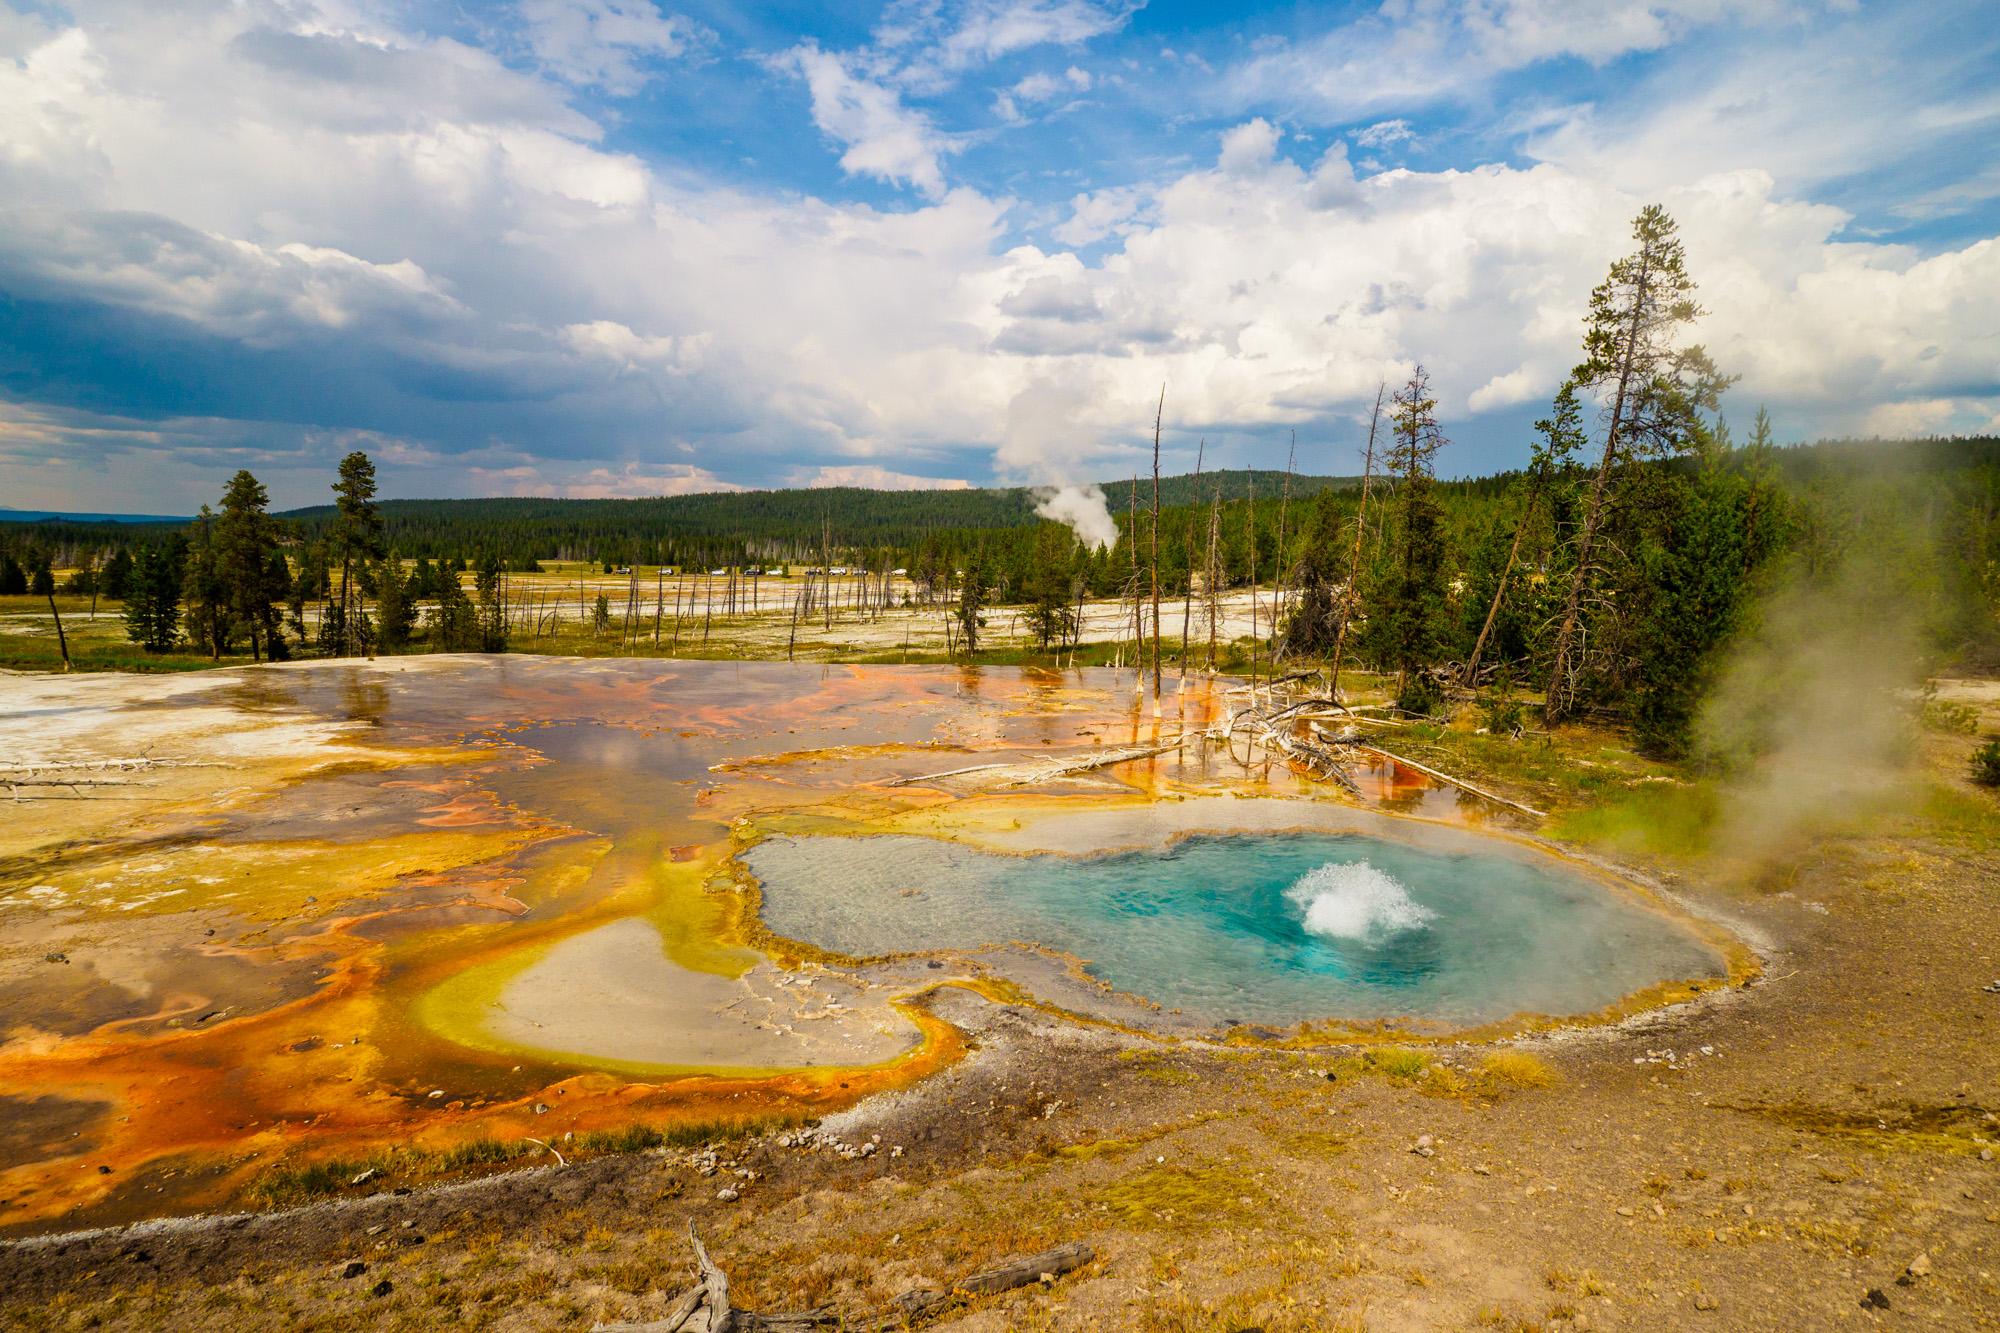 Yellowstone Nationalpark - Firehole Lake Drive